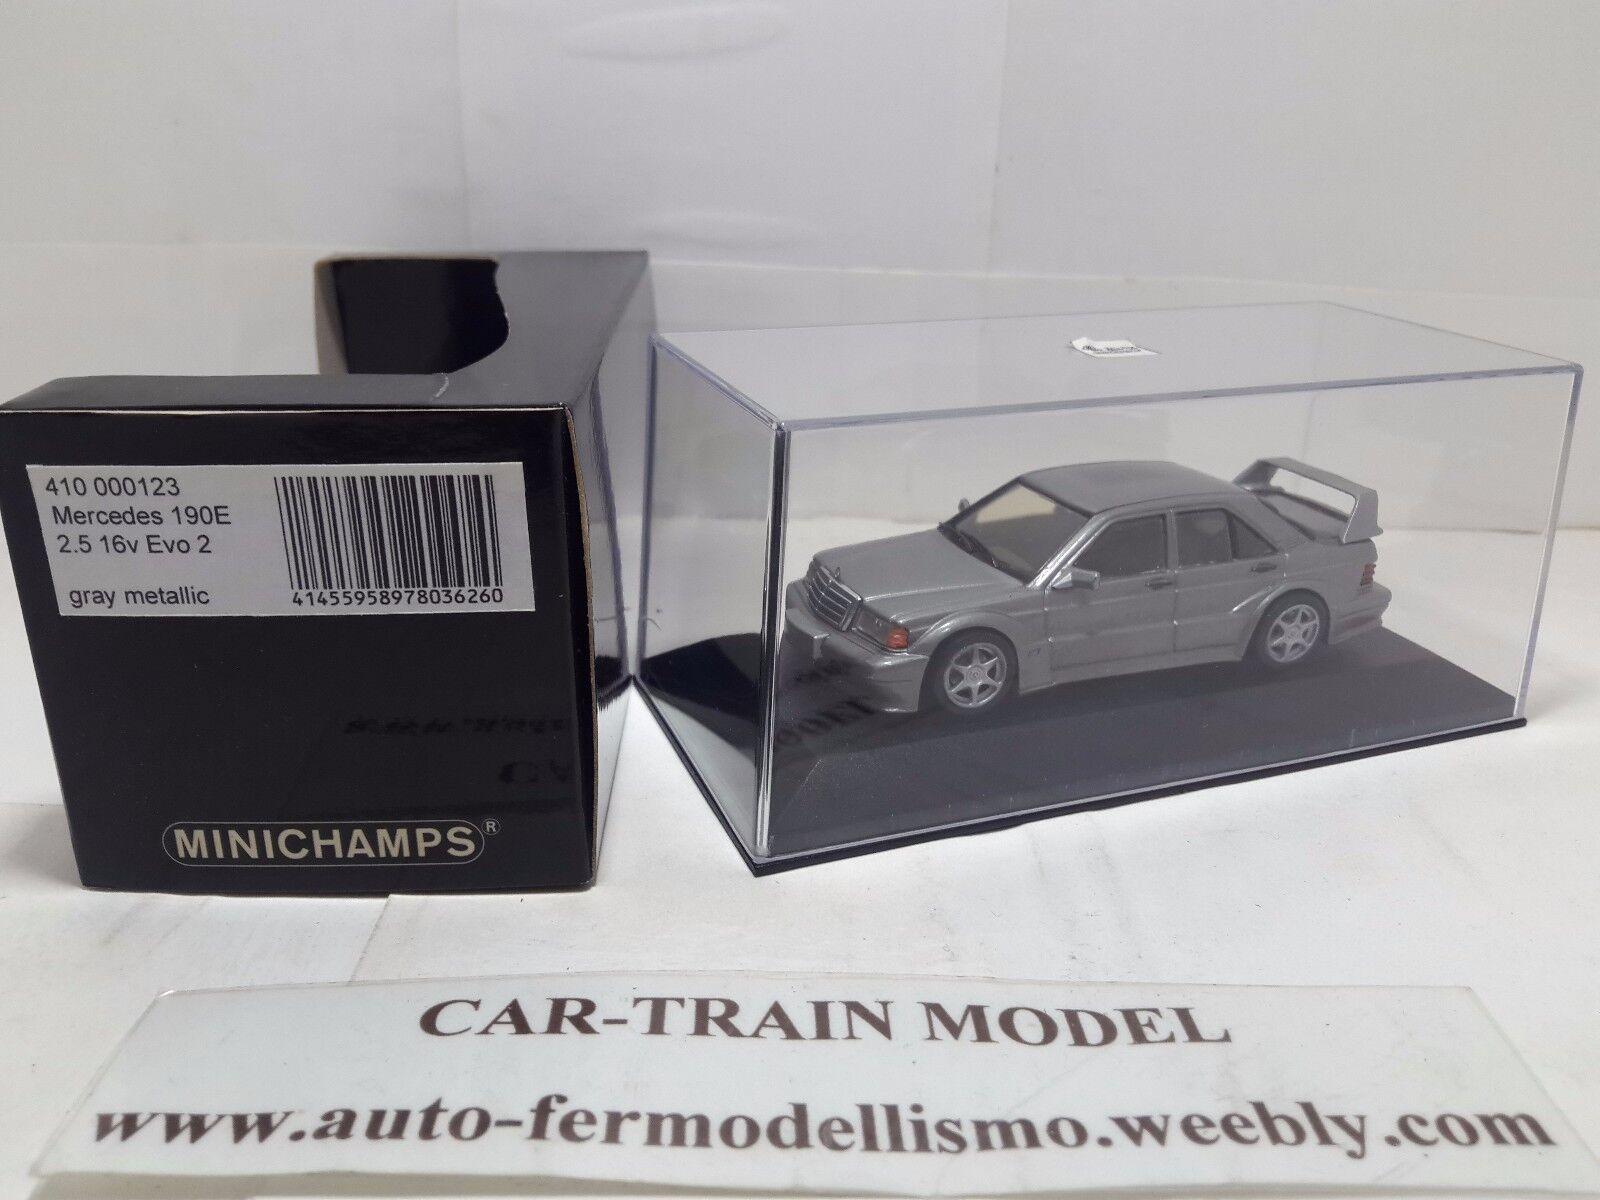 Mercedes-Benz 190 E 2.5  16V EVO 2 - Minichamps 1 43 1 43 1-43  prezzi bassissimi